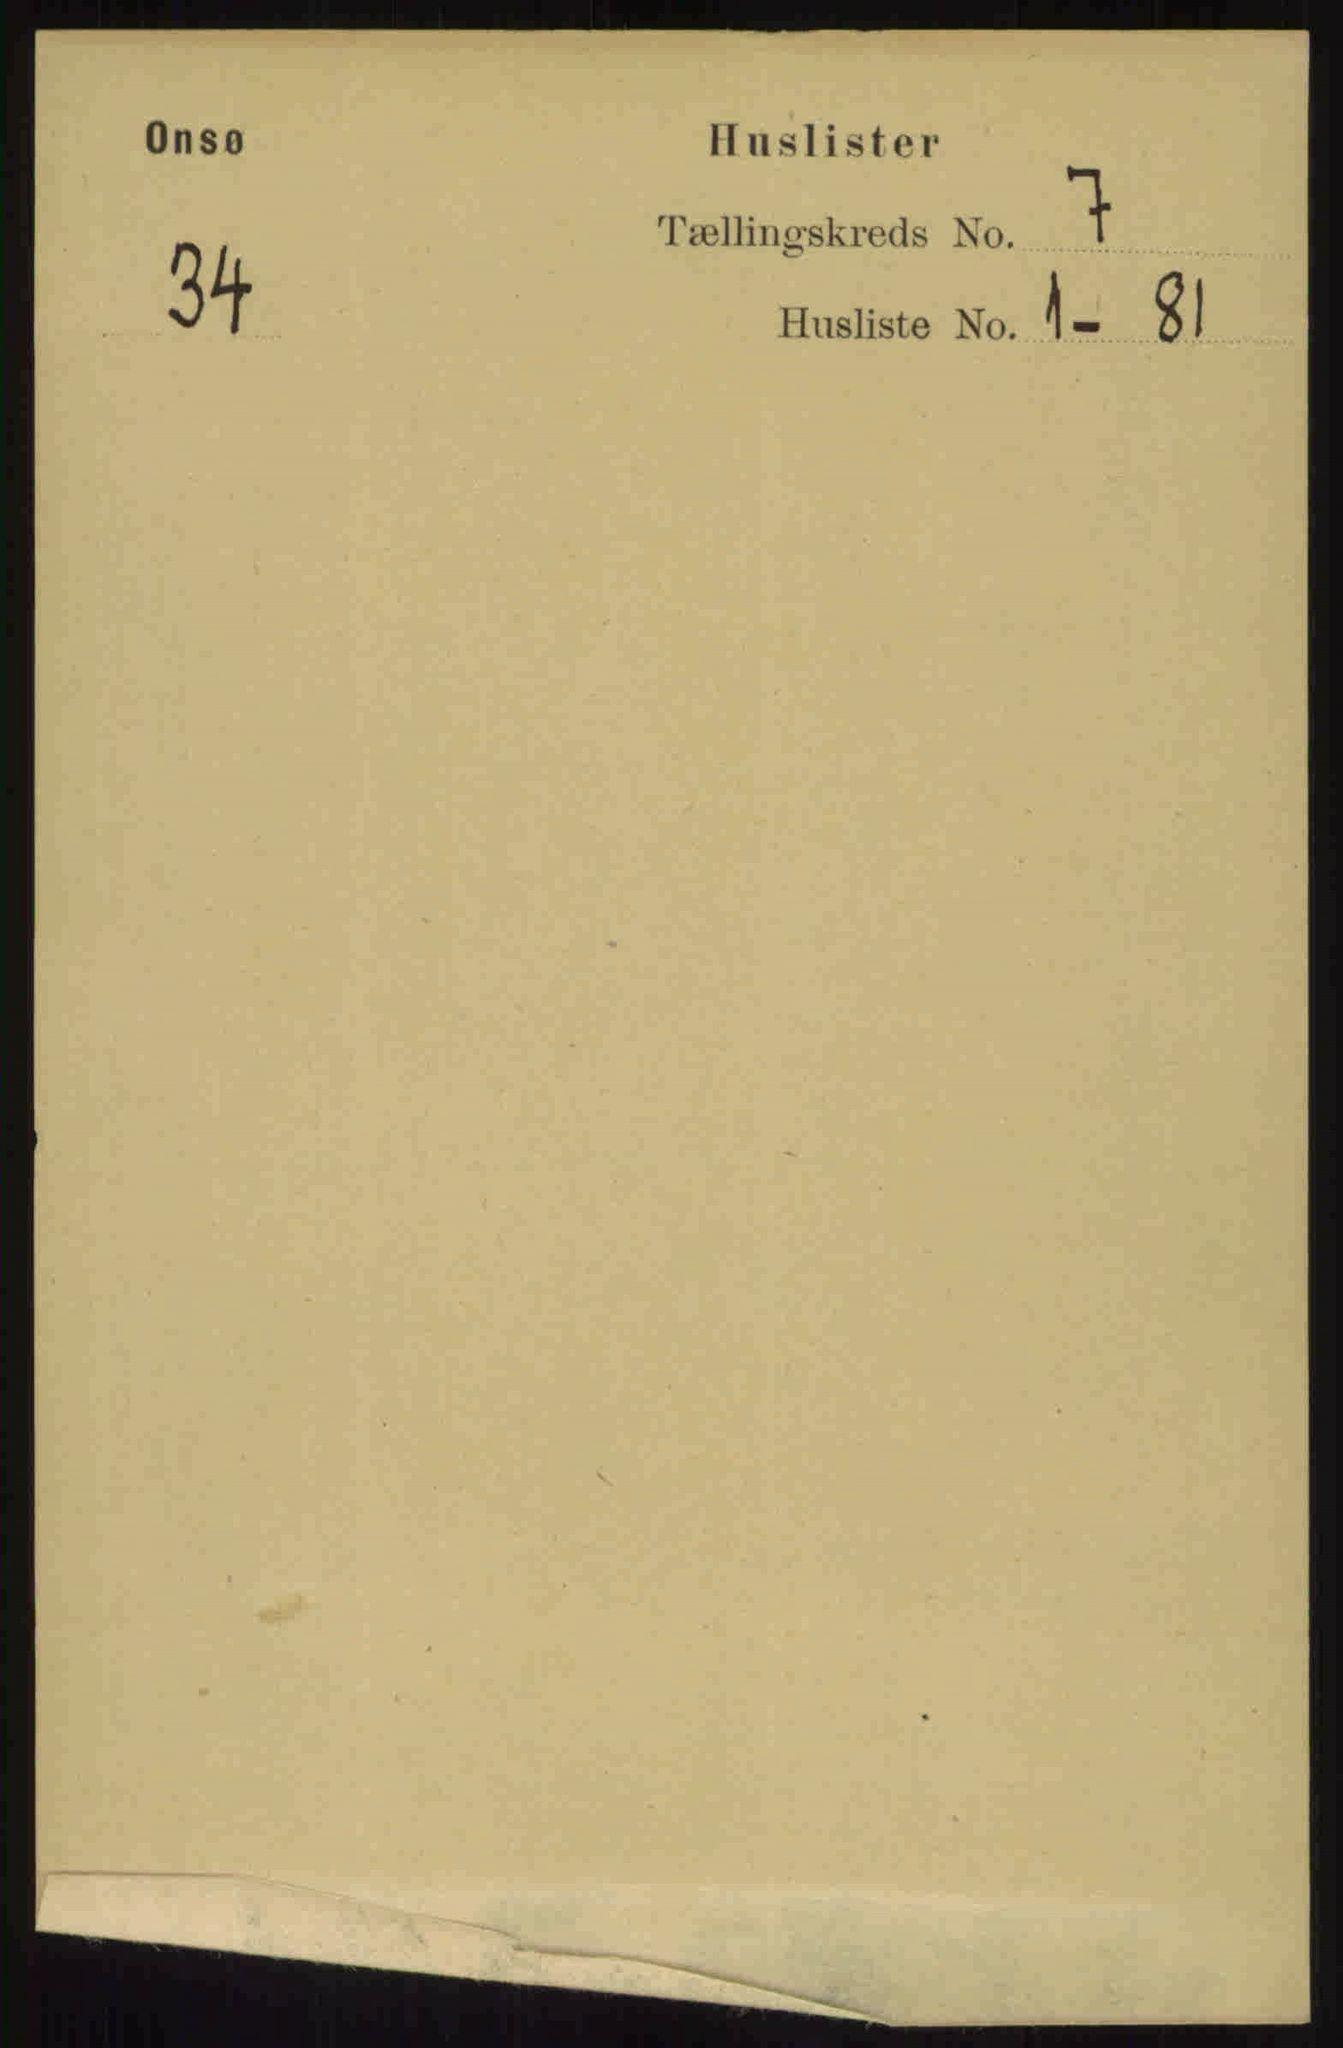 RA, Folketelling 1891 for 0134 Onsøy herred, 1891, s. 6360